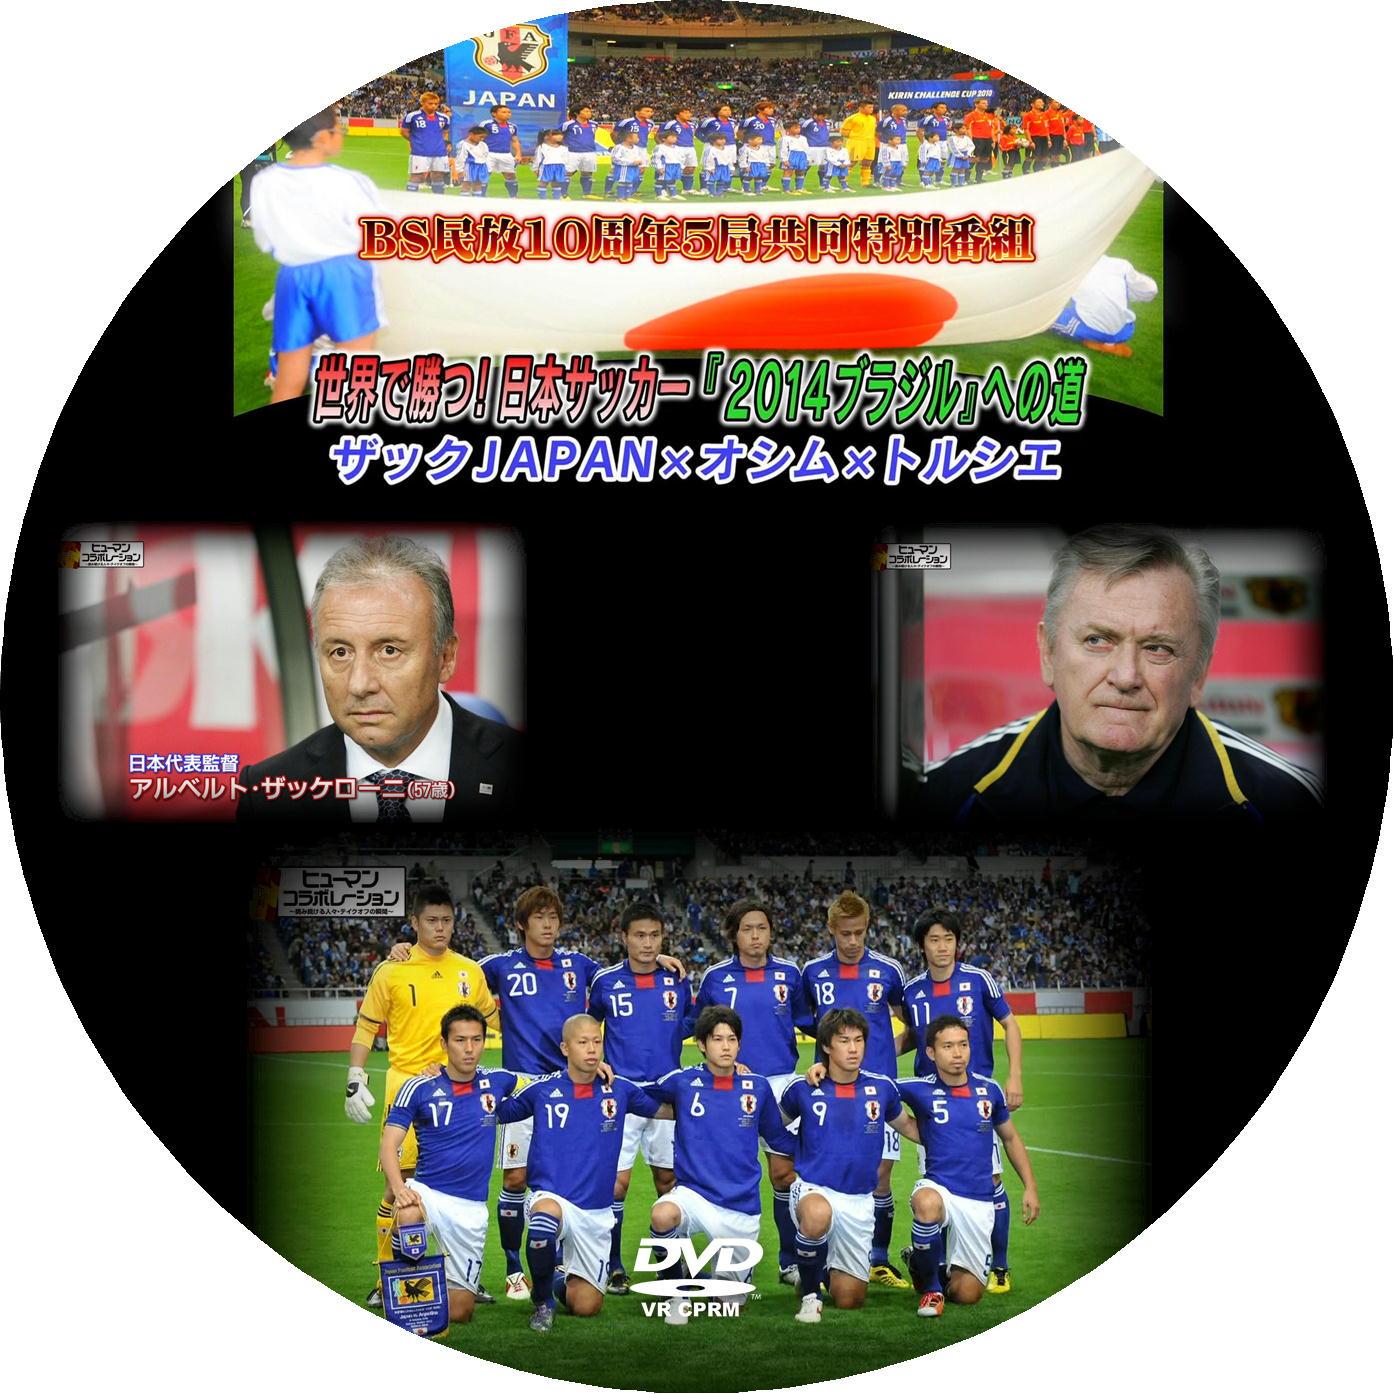 世界で勝つ!日本サッカー「2014ブラジル」への道 DVDラベル